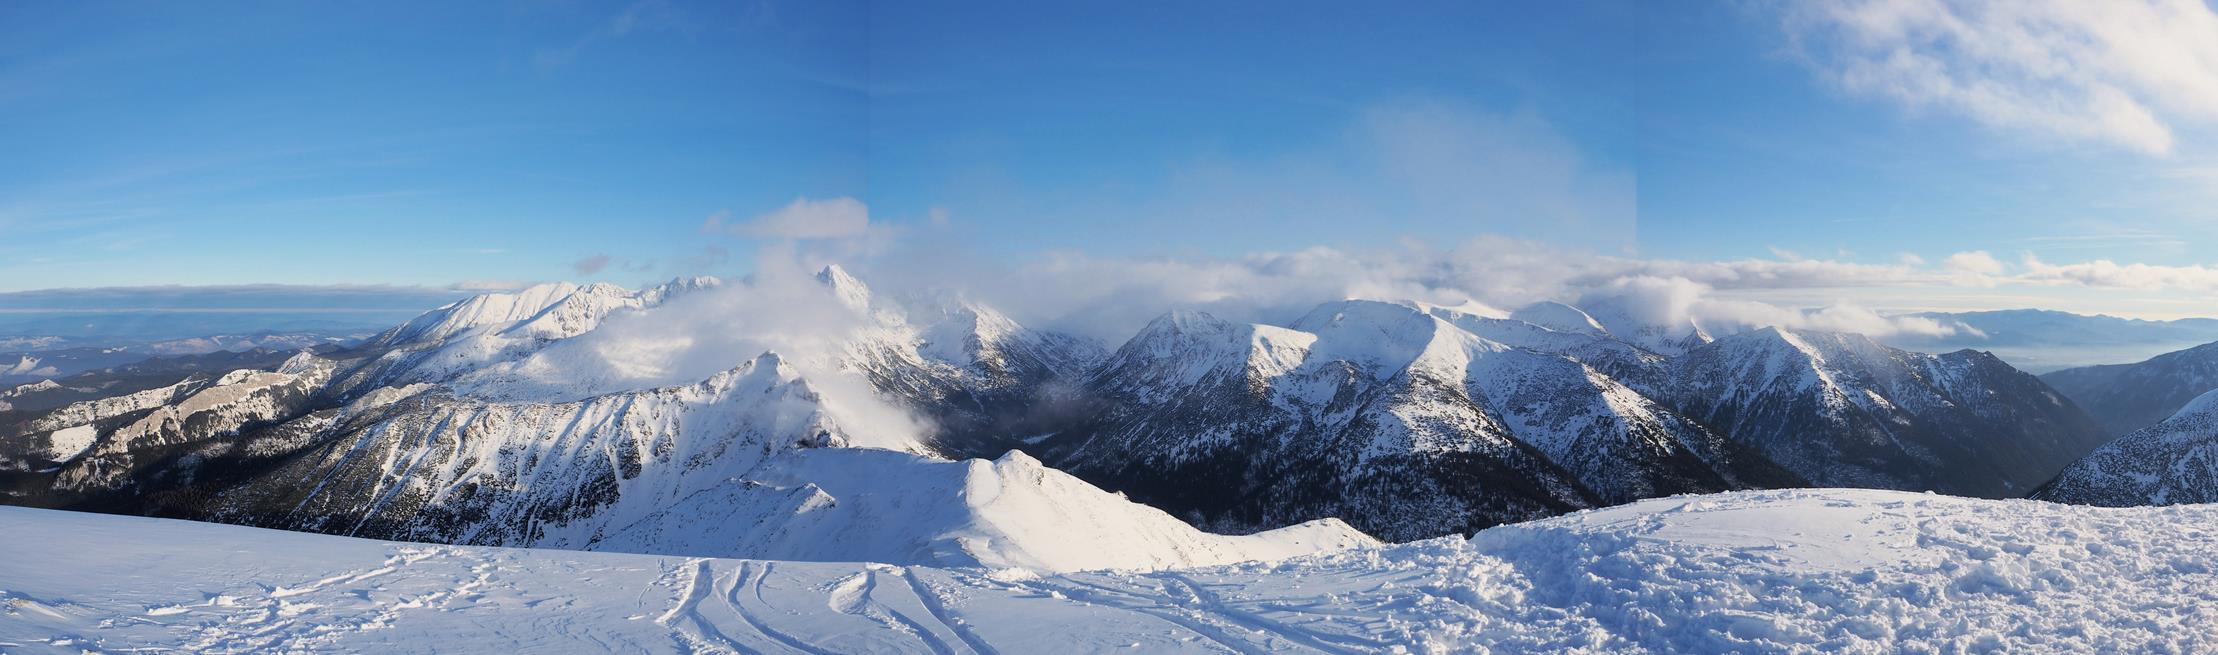 Widok z Kopy Kondrackiej na Wschód - na wprost Tatry Wysokie, z chmur wyłania się Świnica, po prawej w oddali Tatry Niskie.